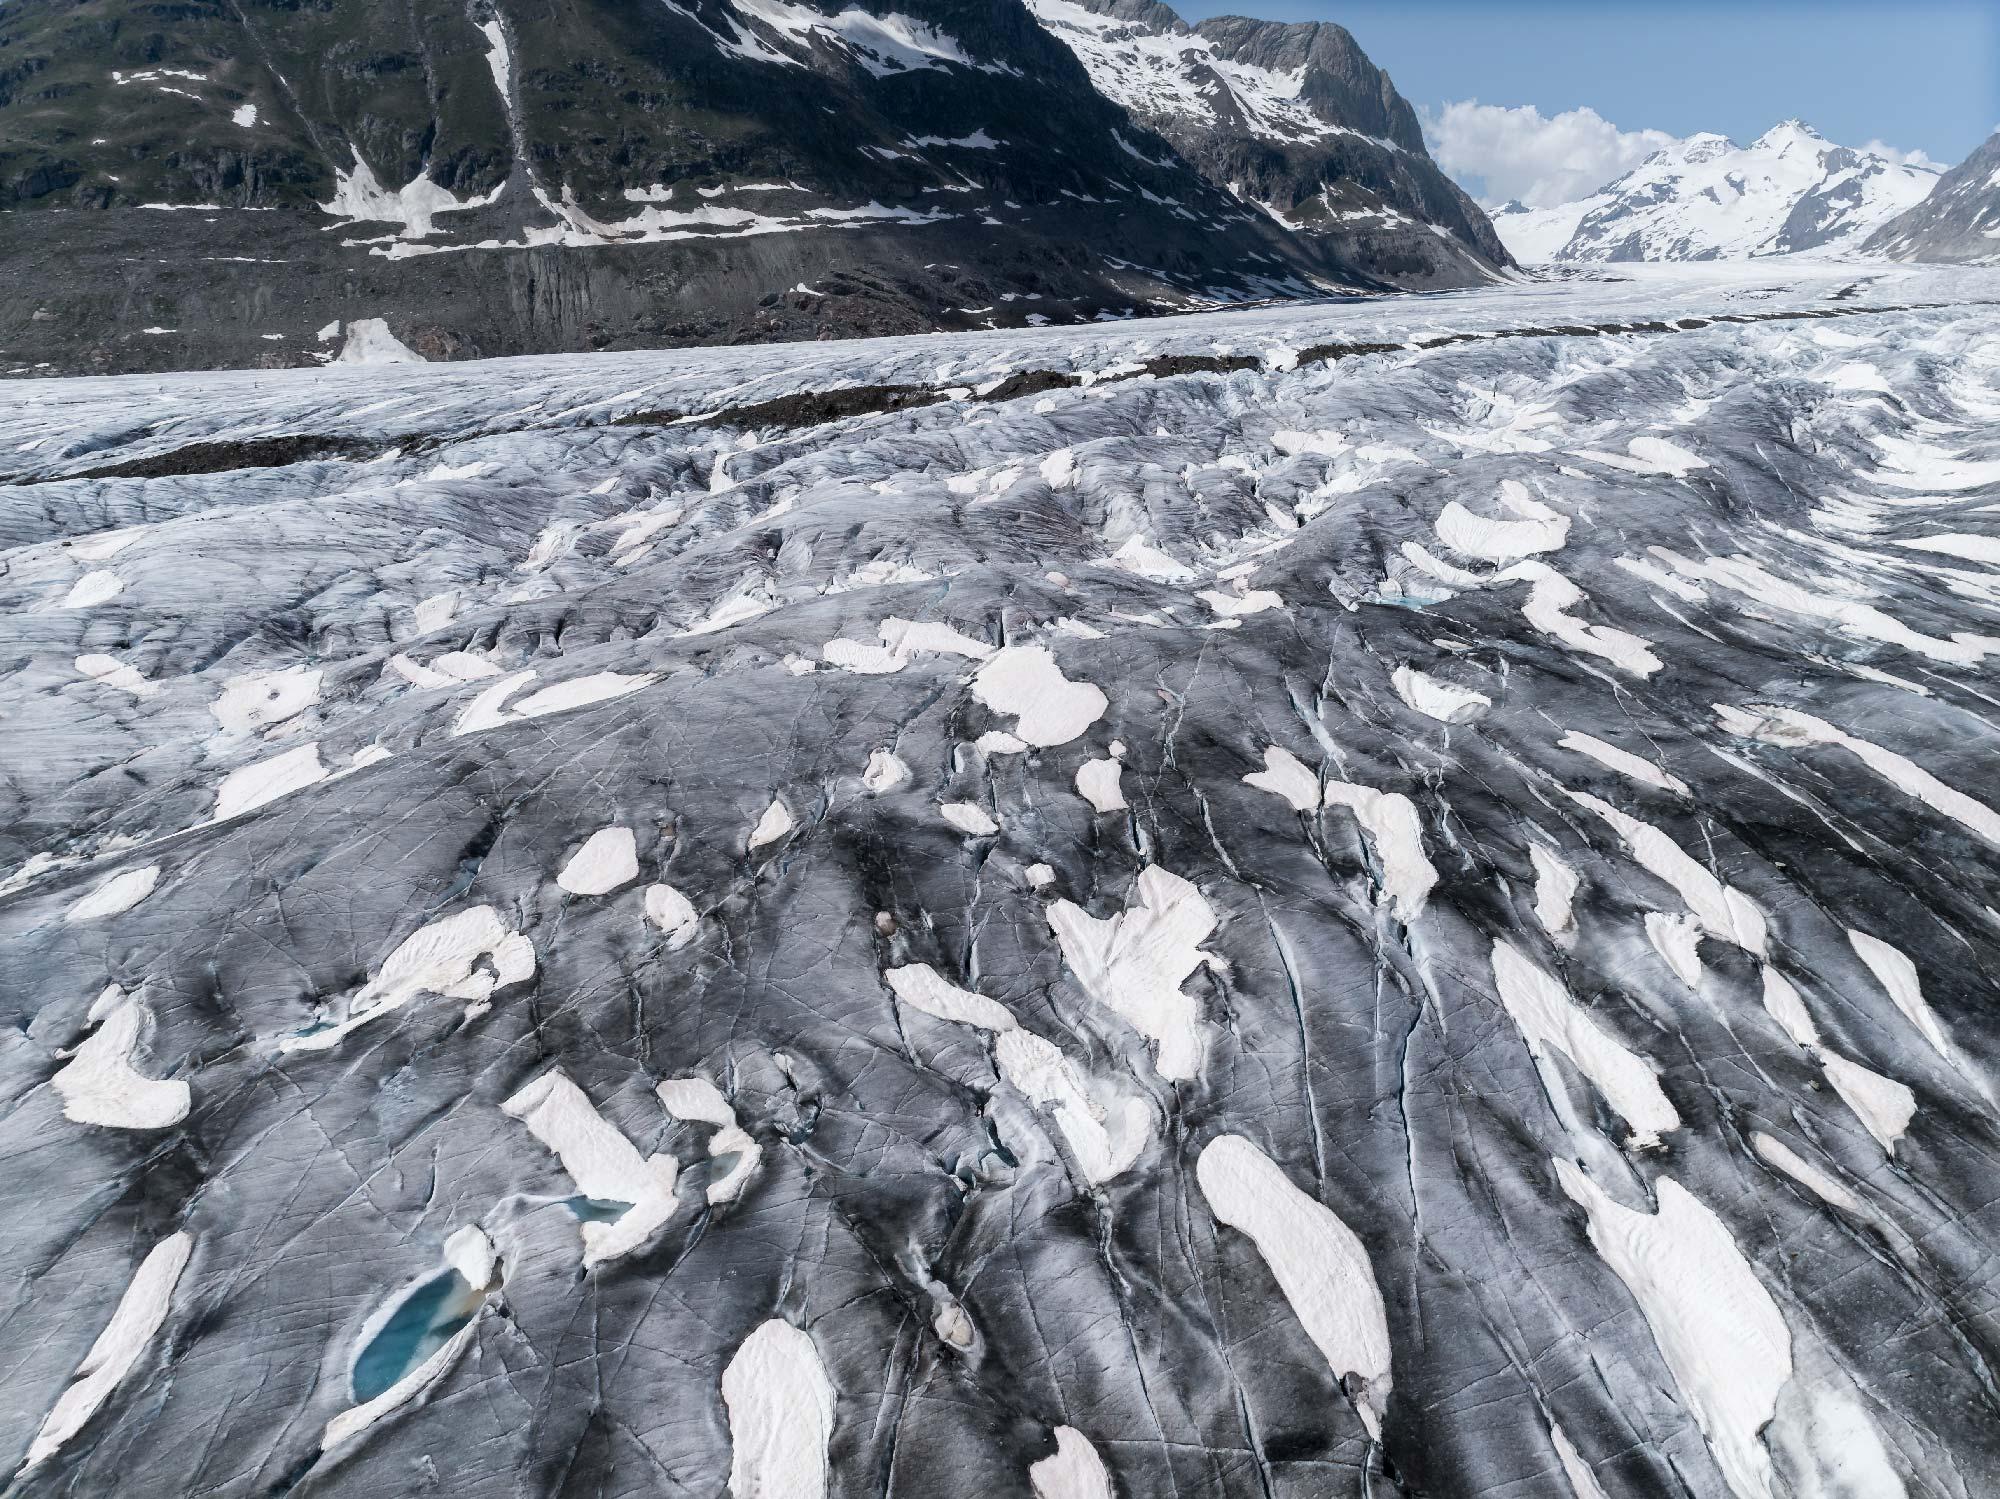 #375 Glaciers, Glacier d'Aletsch,46°26'32.08″N 8°5'8.79″E